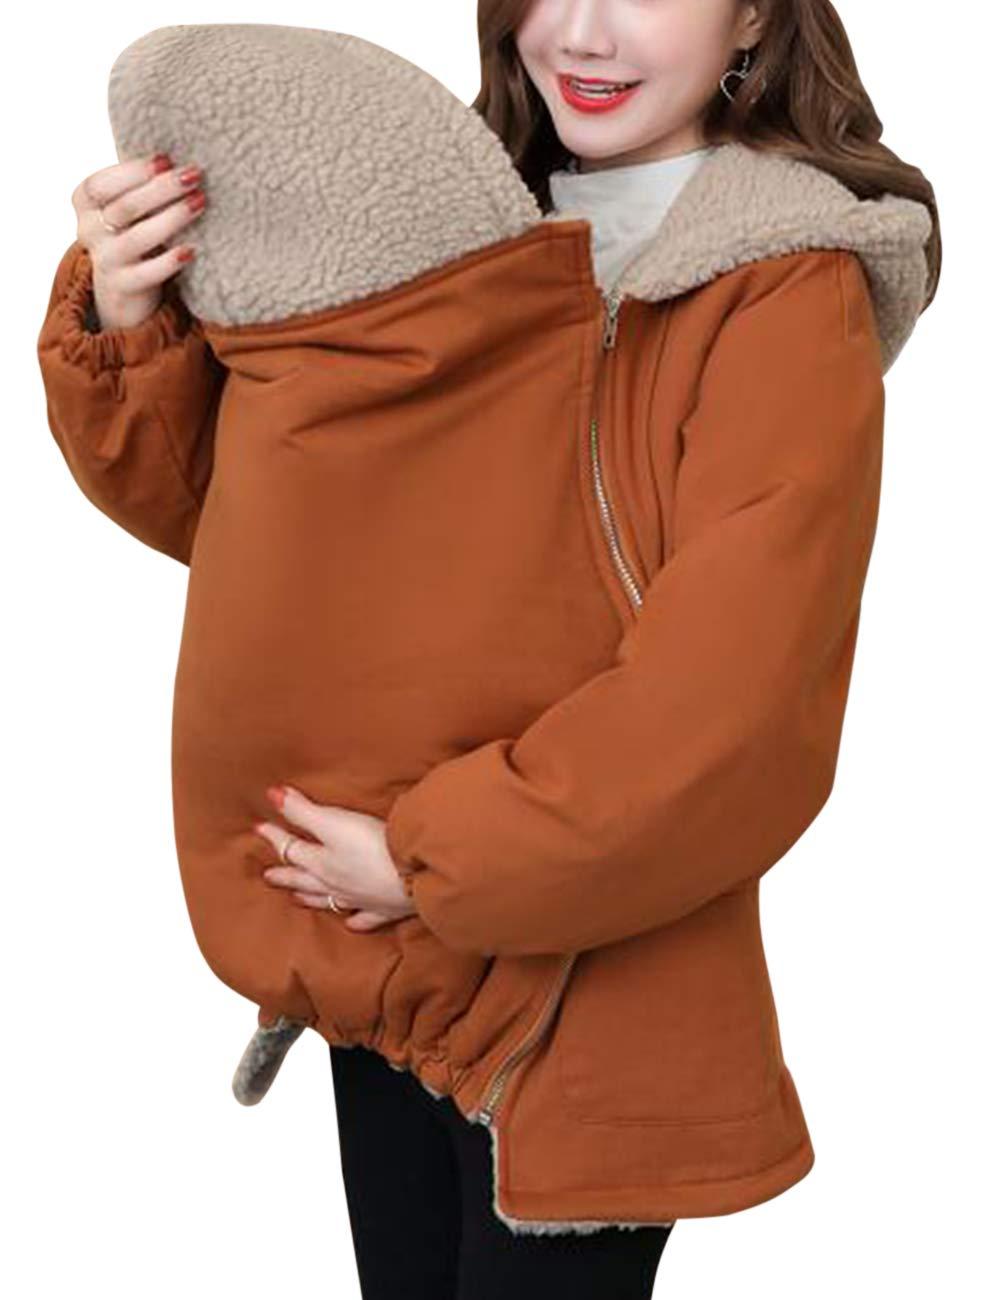 Chaud Protection de B/éb/é D/étachable Poche TAAMBAB Hiver Manteau /à Capuche Veste pour Maman et Porte-b/éb/é Maternit/é Enceinte Pardessus